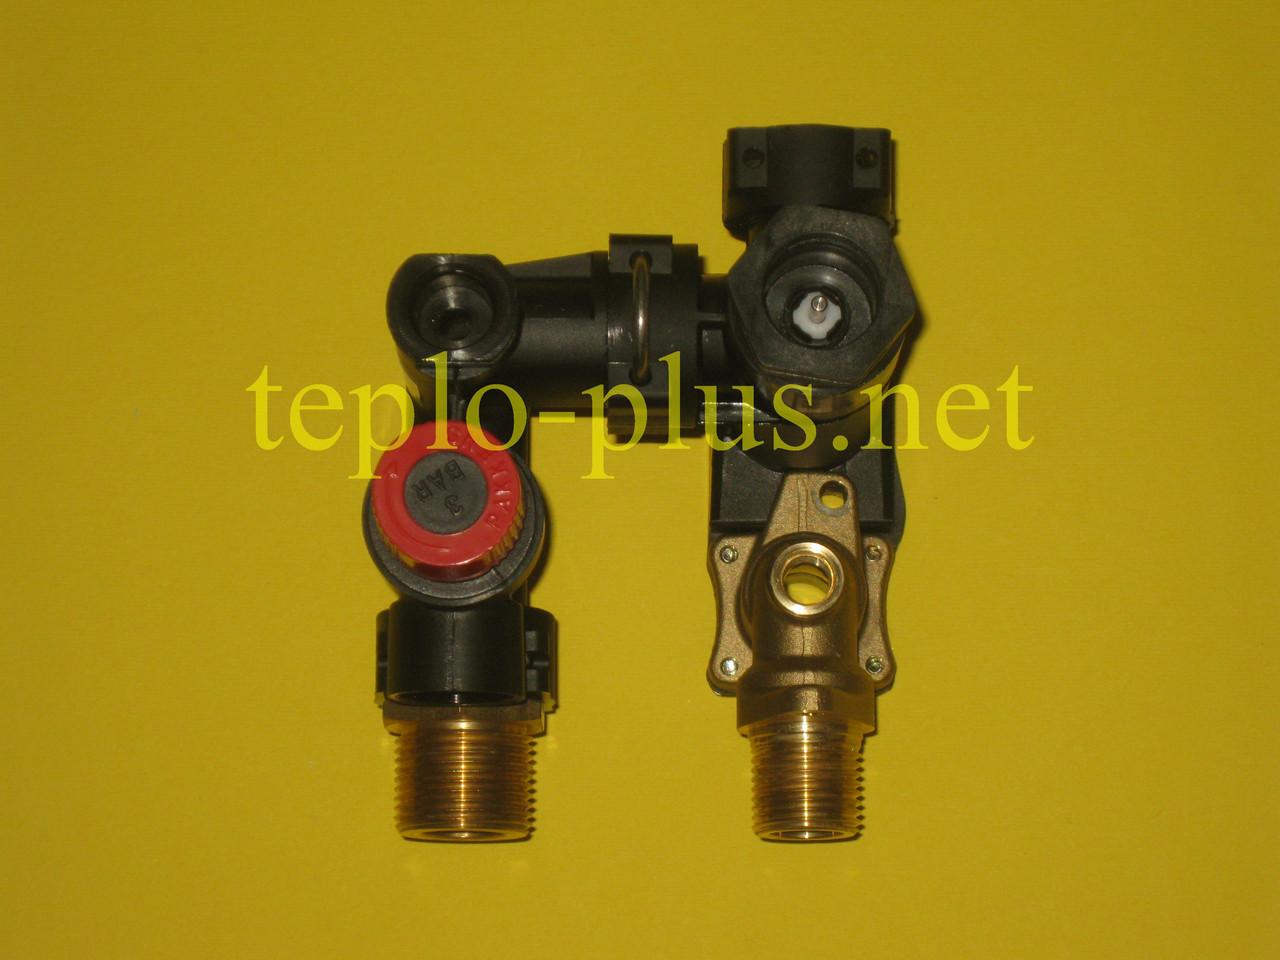 Гідроблок (трьохходовий клапан) D003202242 Demrad Atron H24, H28, Adonis B24, Nitromix P24, P28, P35